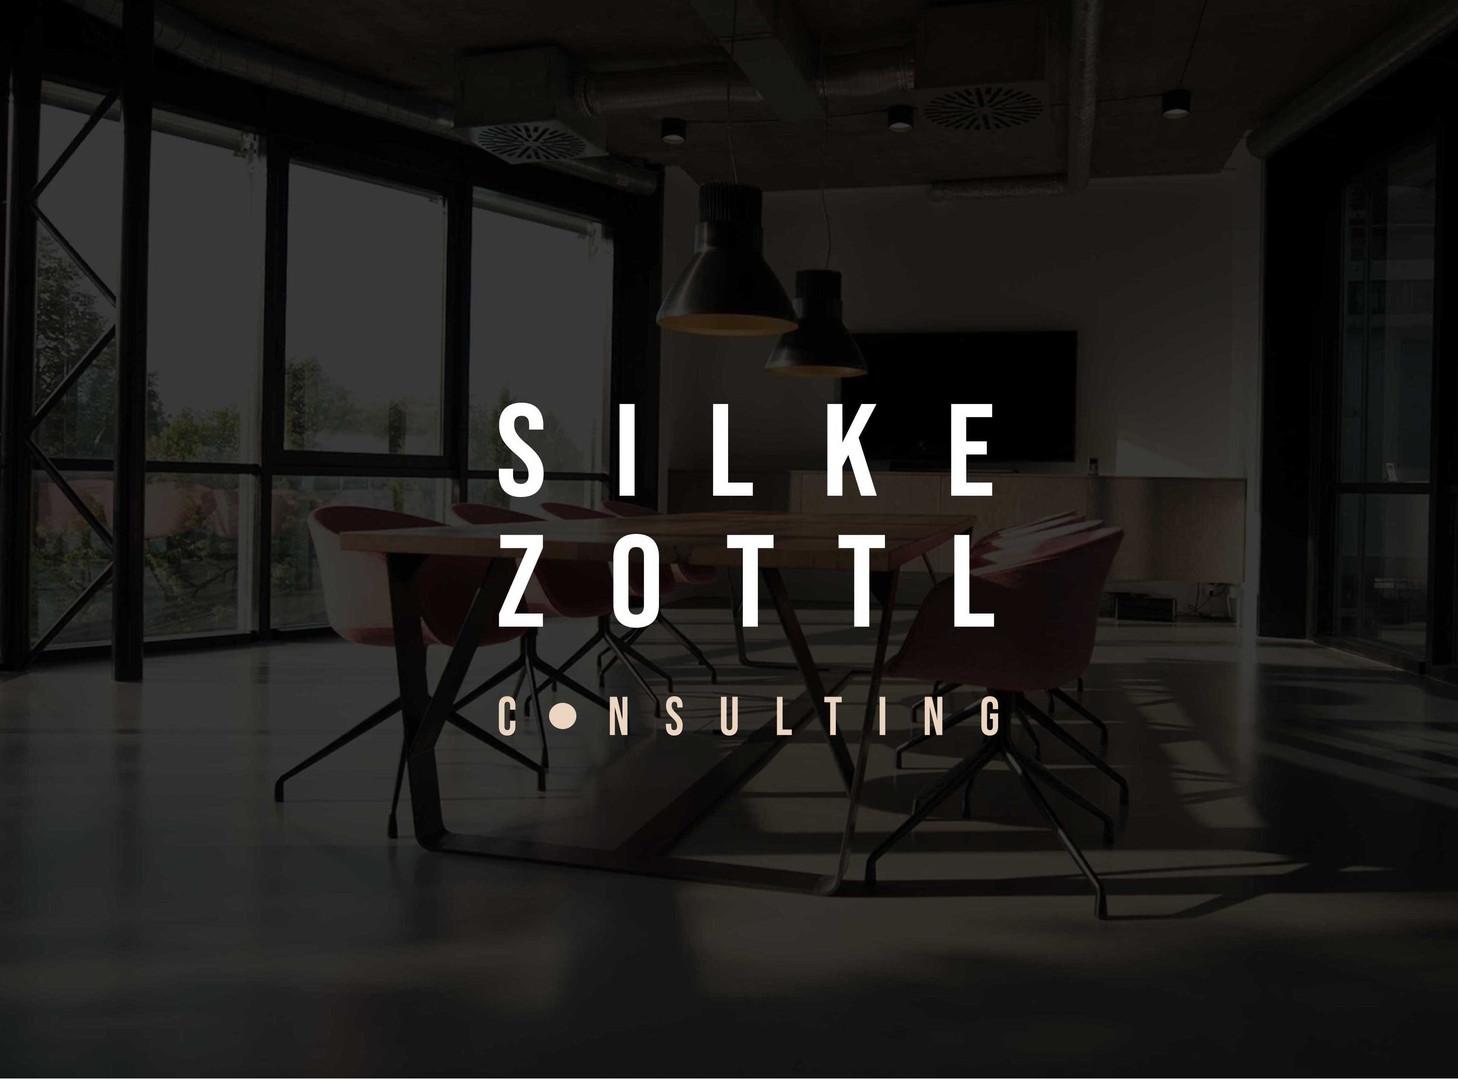 silke_zottl_consulting_logo_vorschau_mik